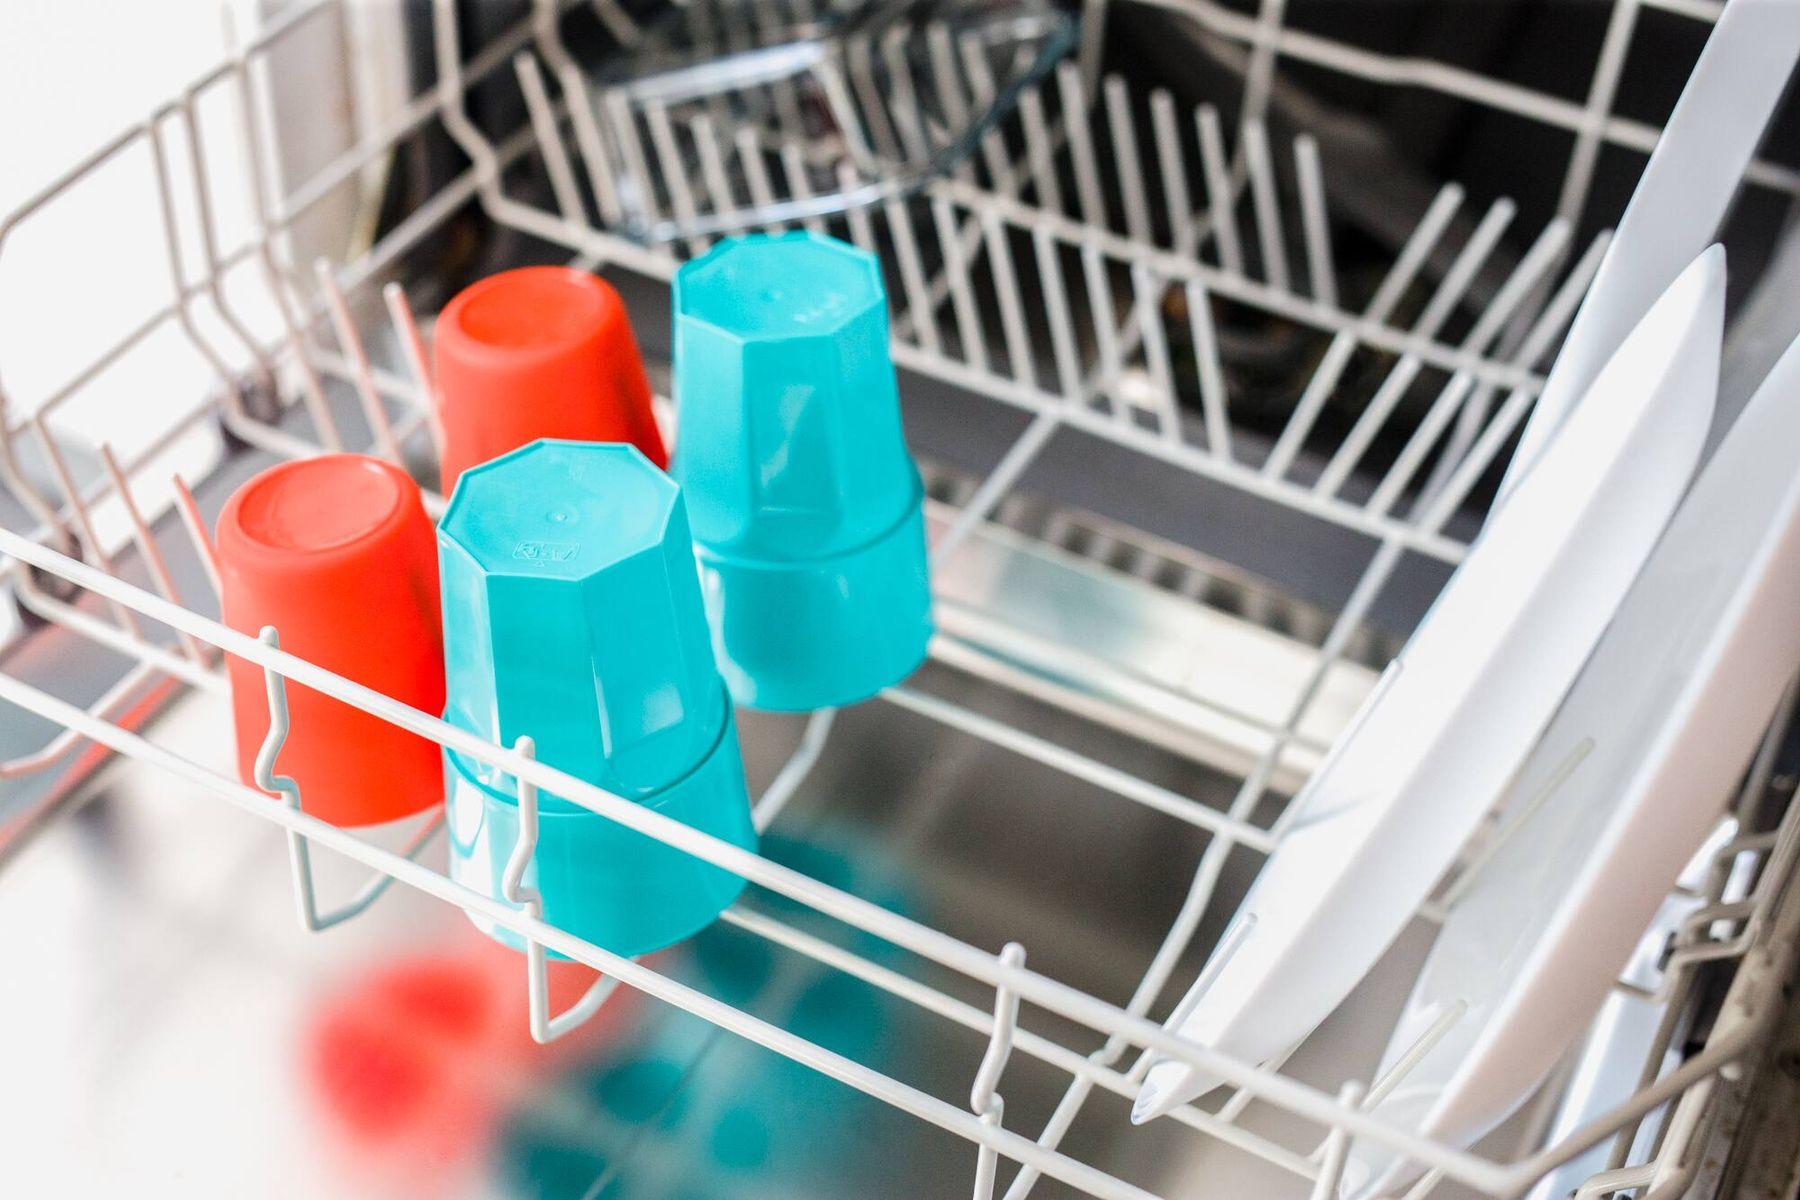 blaue und rote Plastikbecher in der Spülmaschine